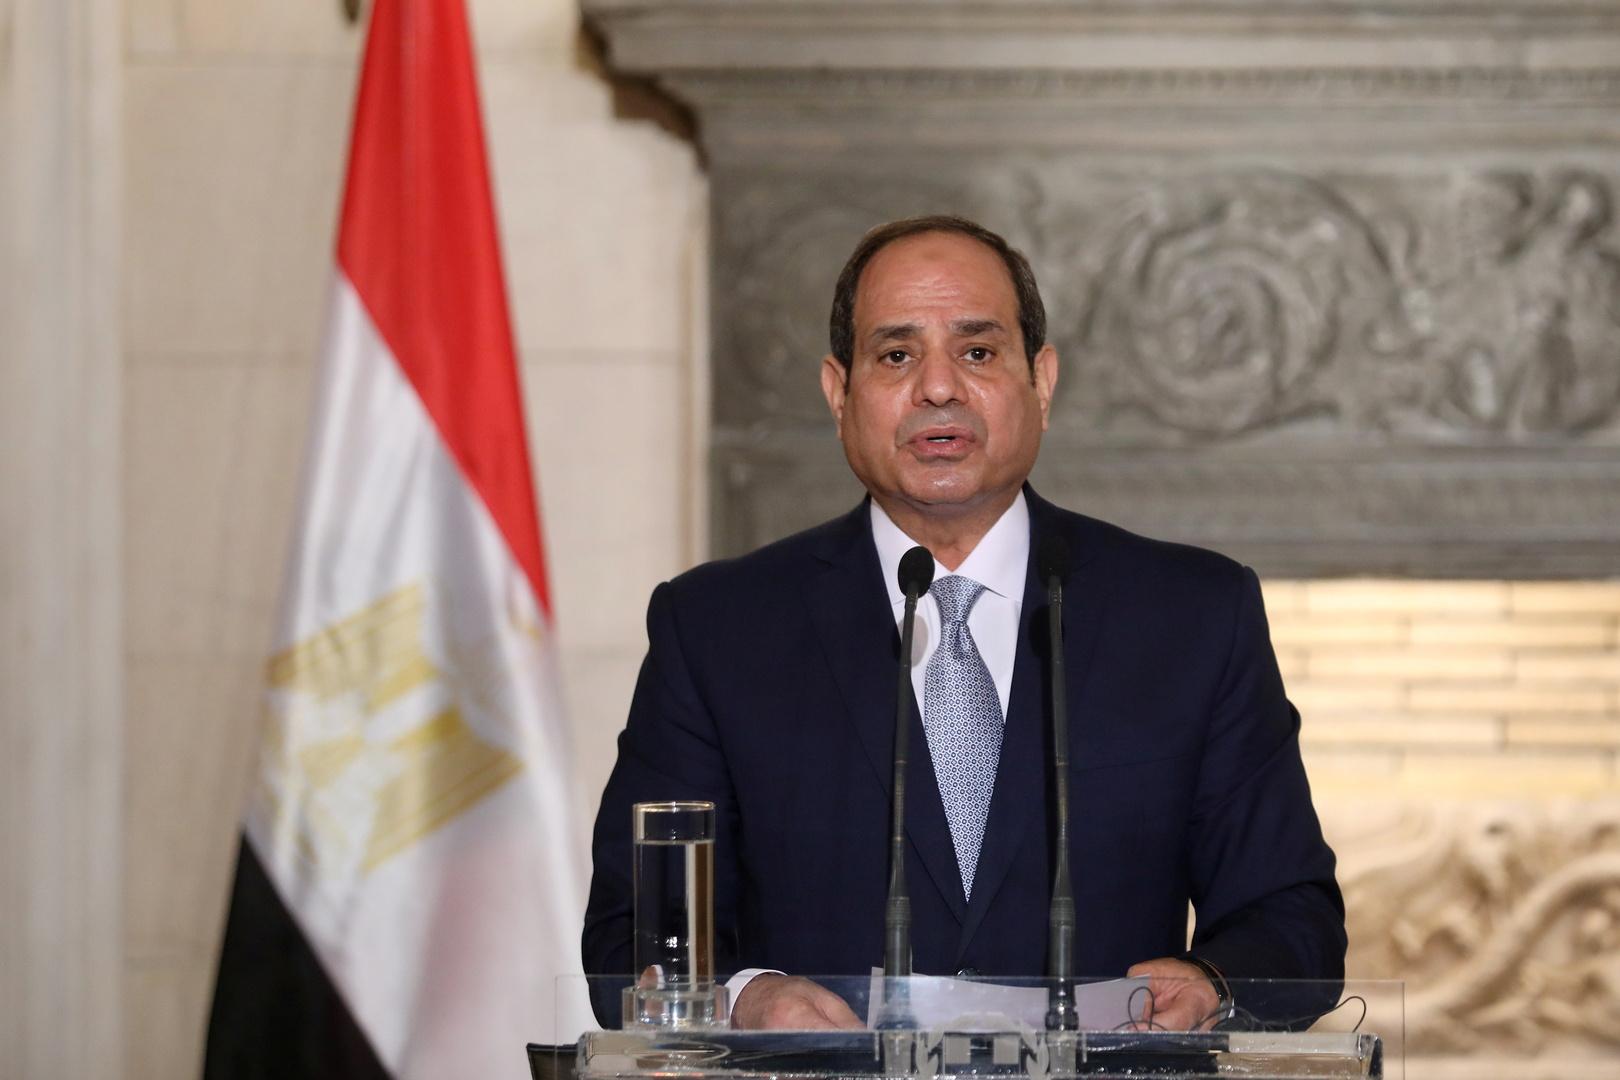 السيسي خلال استقبال مبعوث أمريكي: لن نقبل بالإضرار بمصالحنا المائية أو المساس بمقدرات الشعب المصري